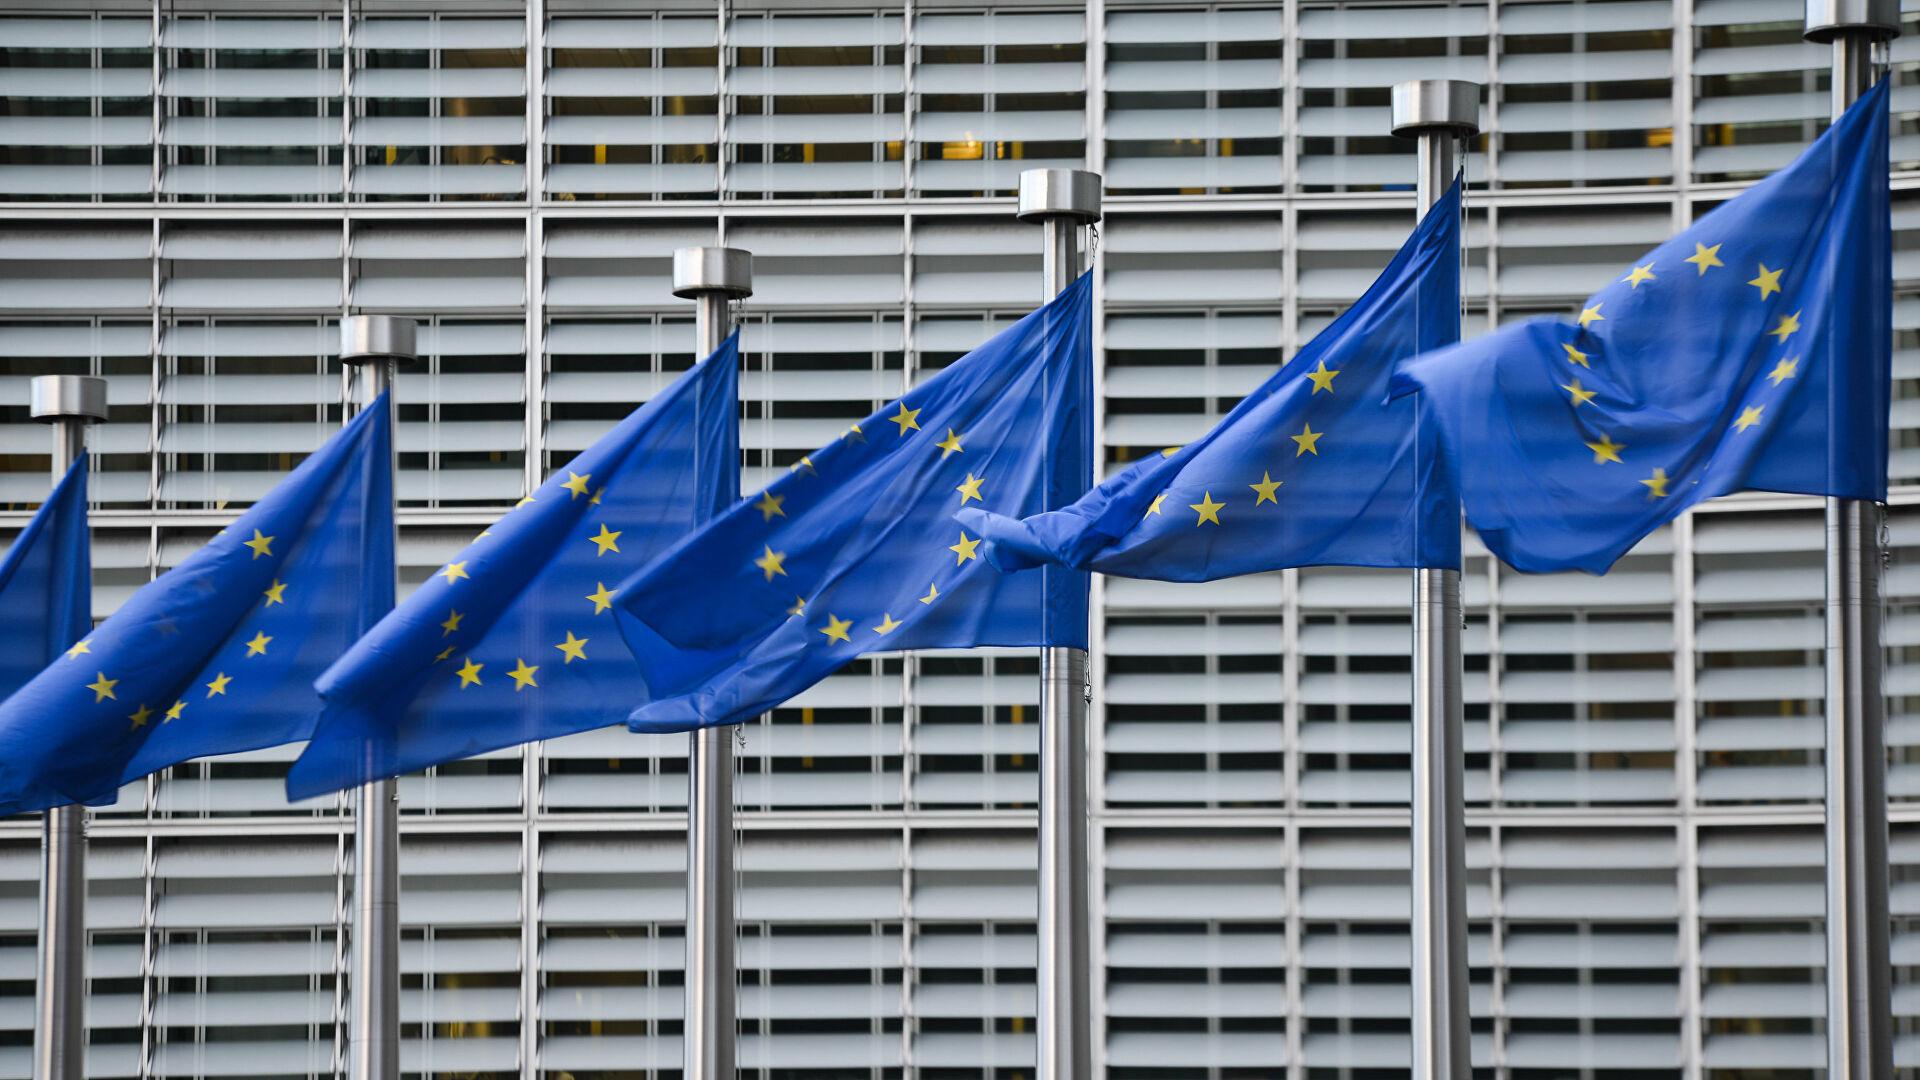 Parlament EU od 5. novembra više neće smatrati Aleksandra Lukašenka predsednikom Belorusije